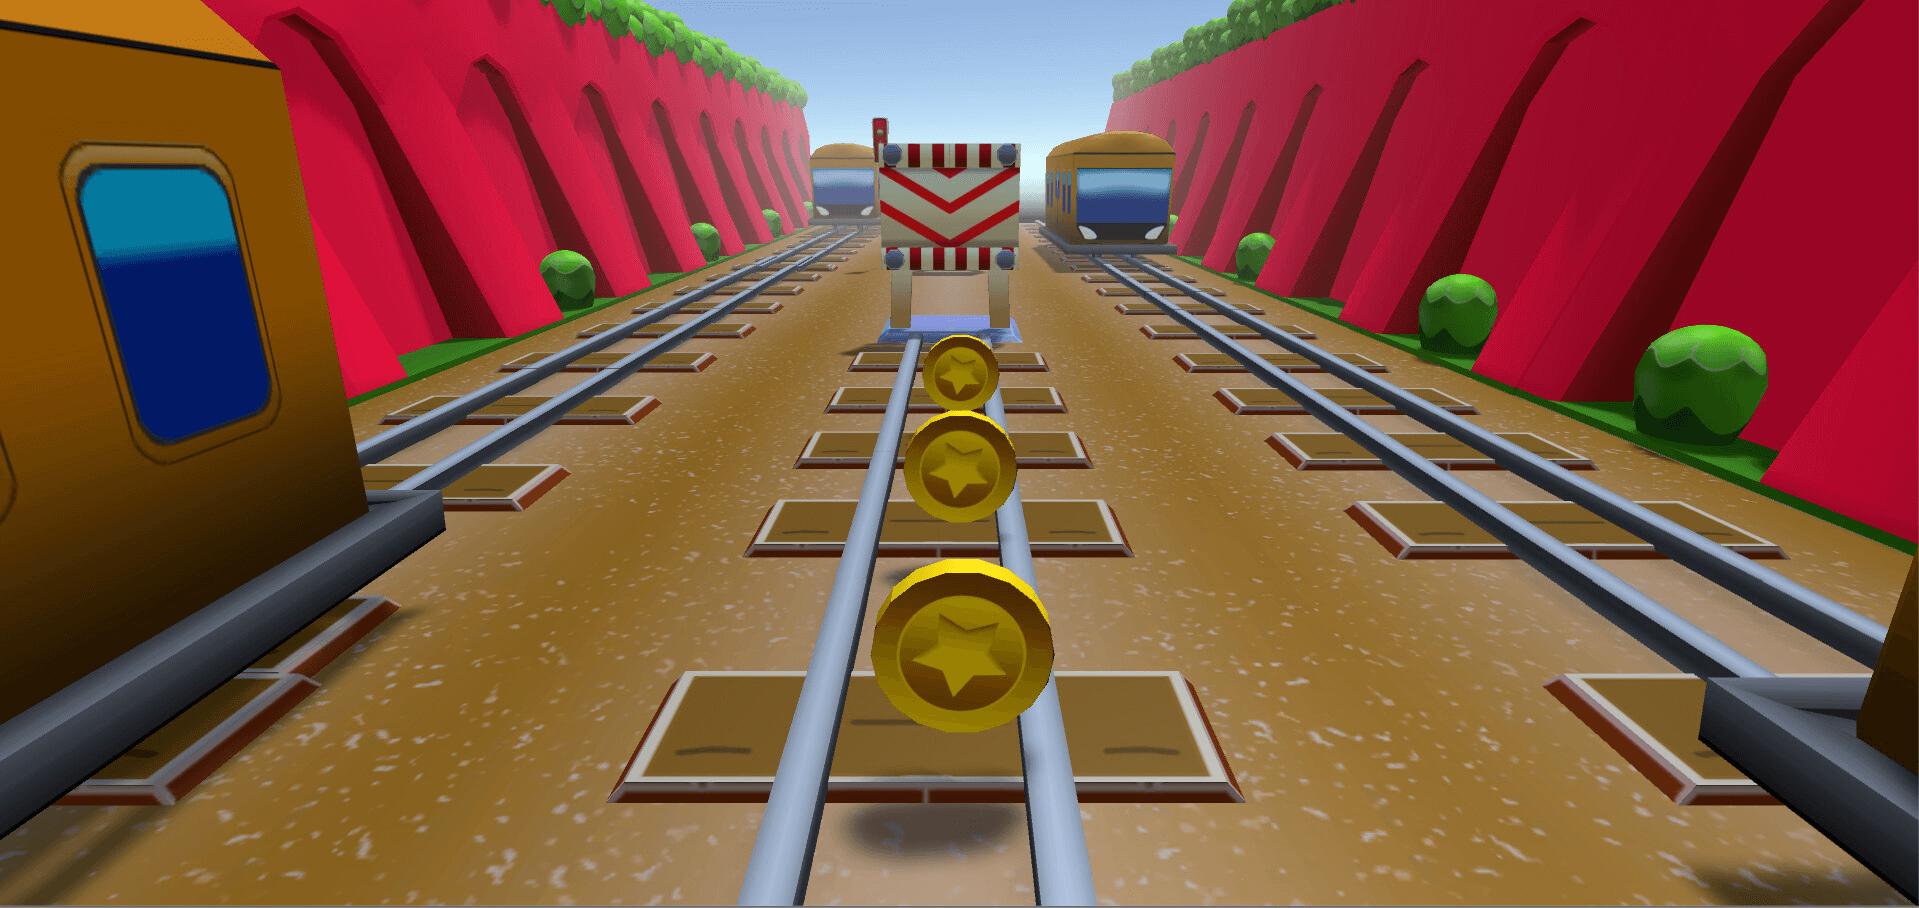 У игрока на выбор три механики: прыгнуть, проскользить или увернуться от препятствия